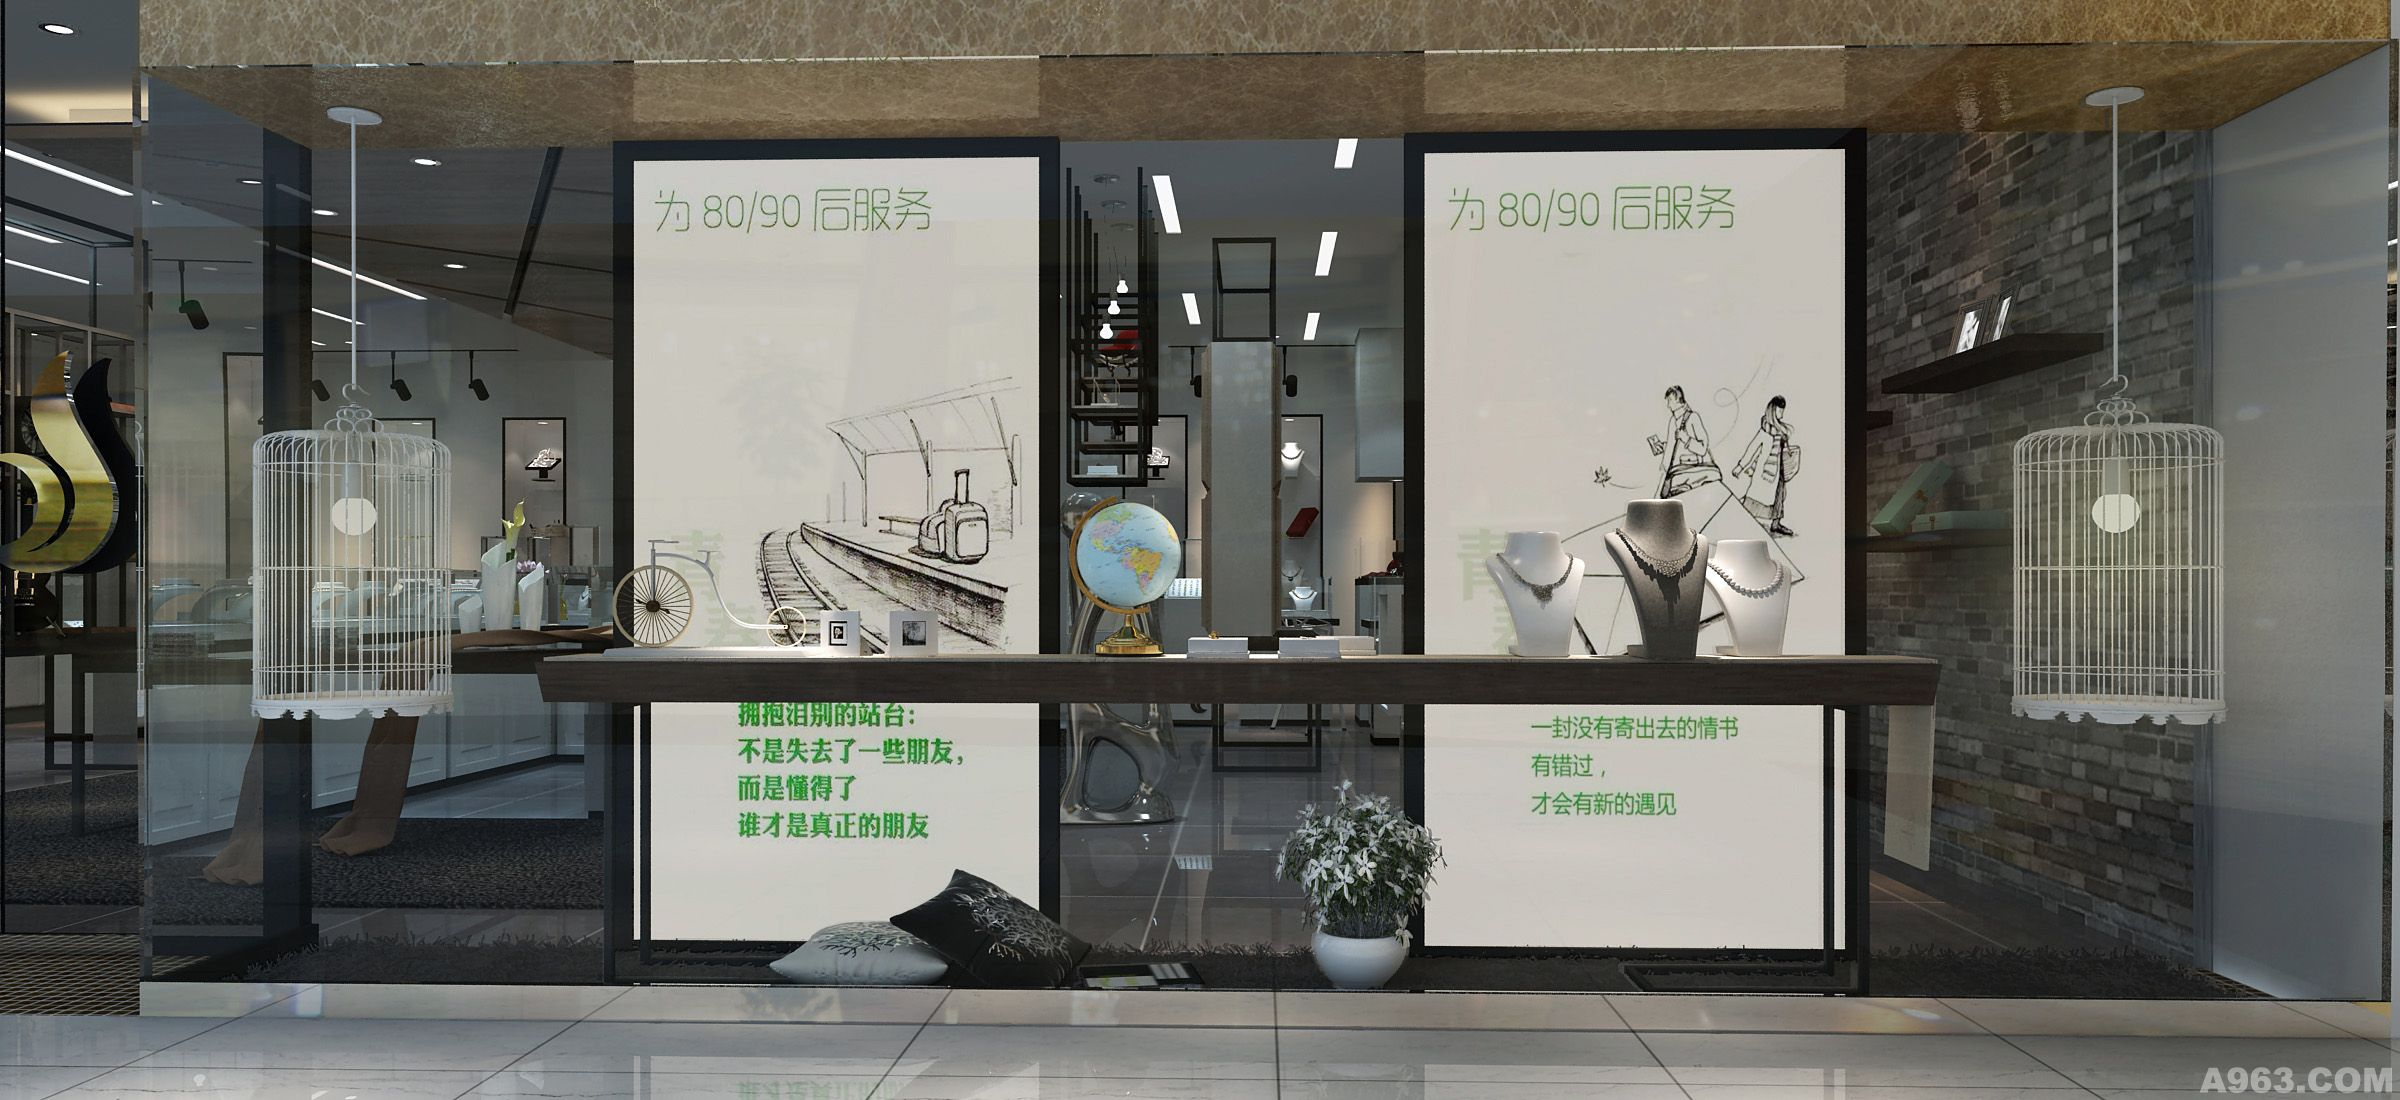 深圳珠宝品牌展示专卖形象店空间设计